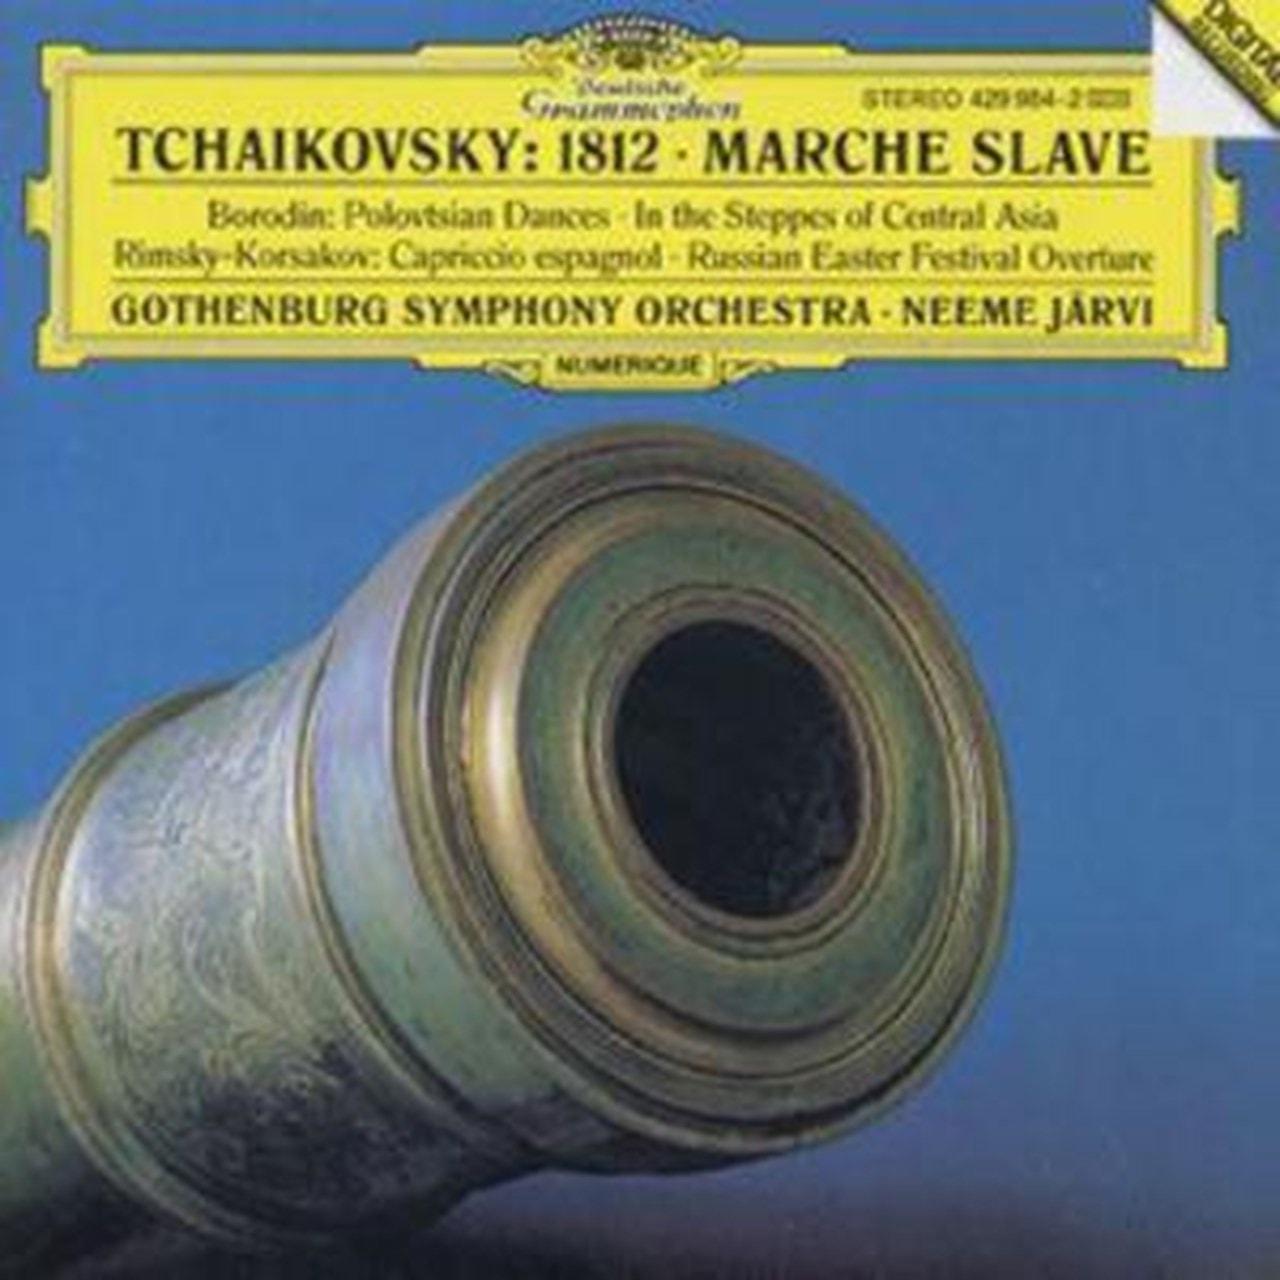 Tchaikovsky: 1812 - Marche Slave: Borodin/Rimsky-Korsakov - 1